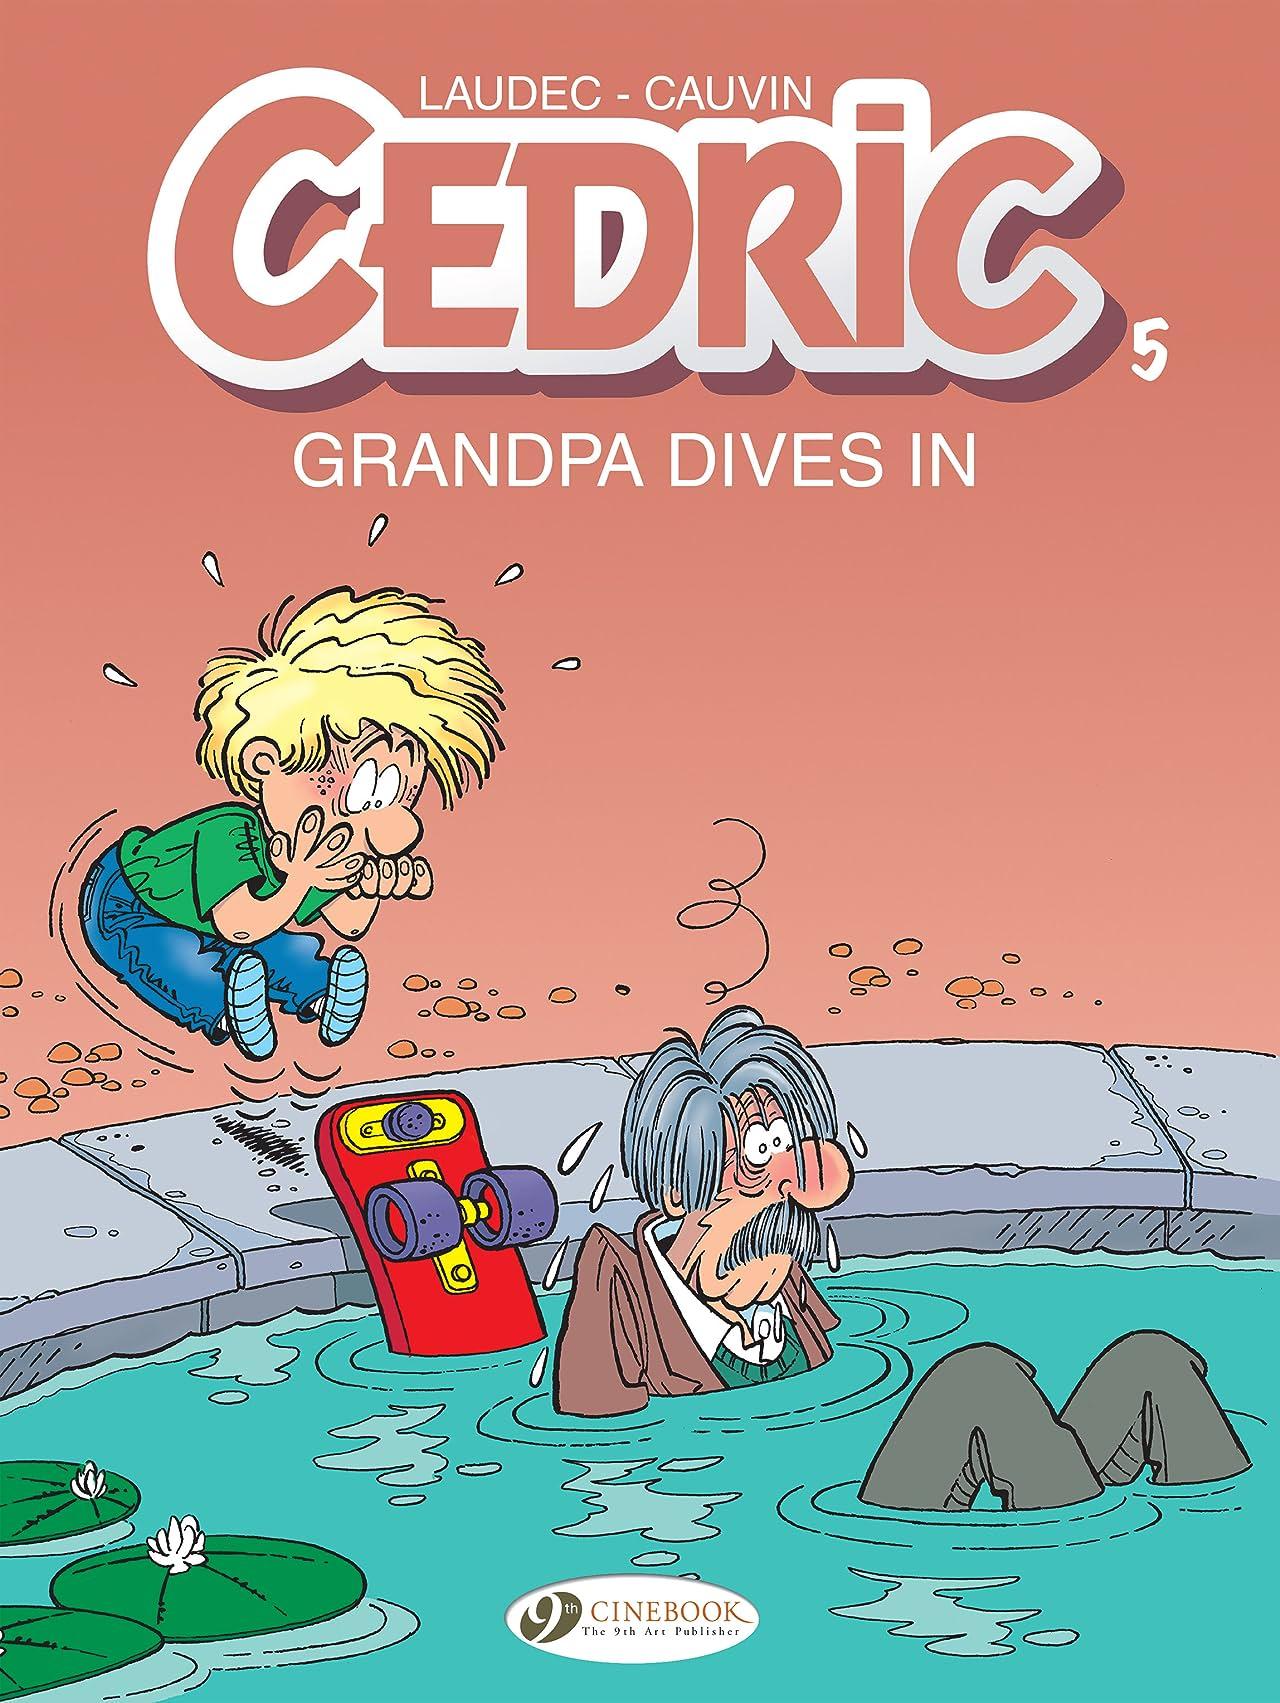 Cedric Vol. 5: Grandpa Dives in